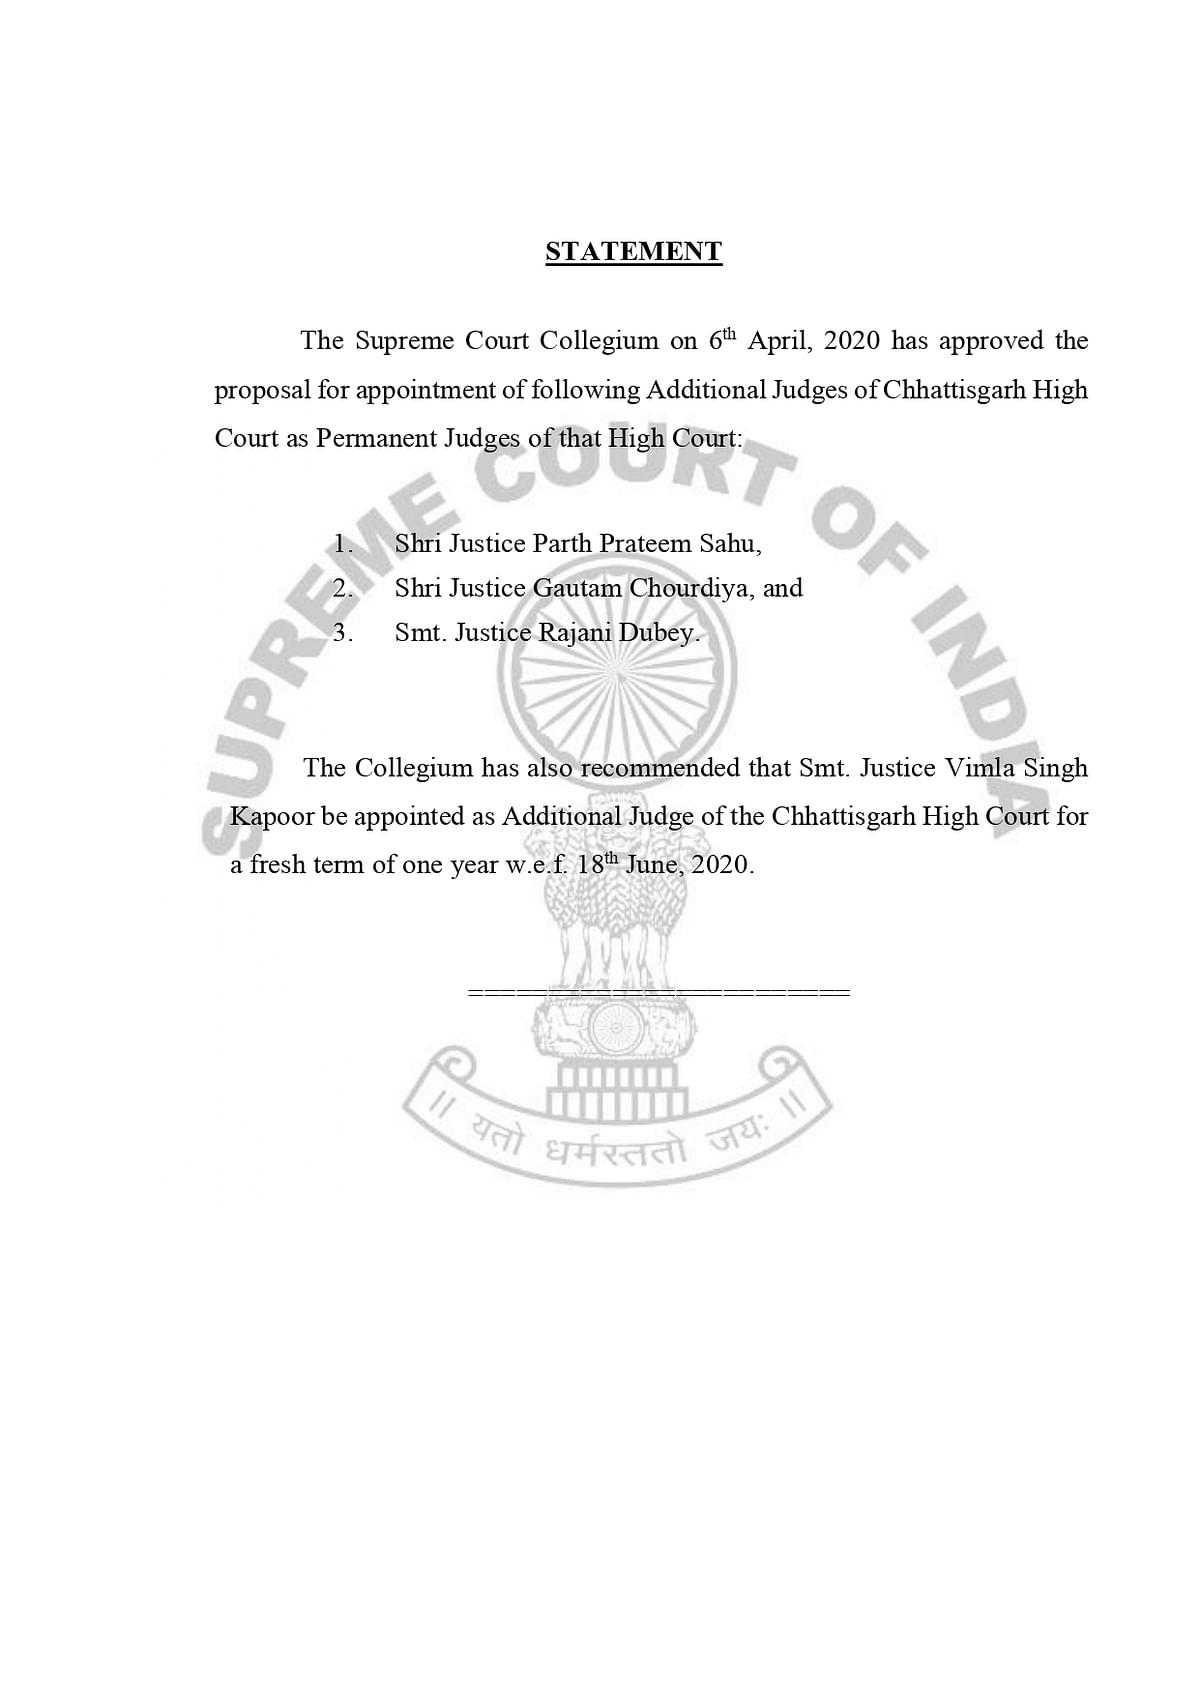 The Collegium Statement dated April 6